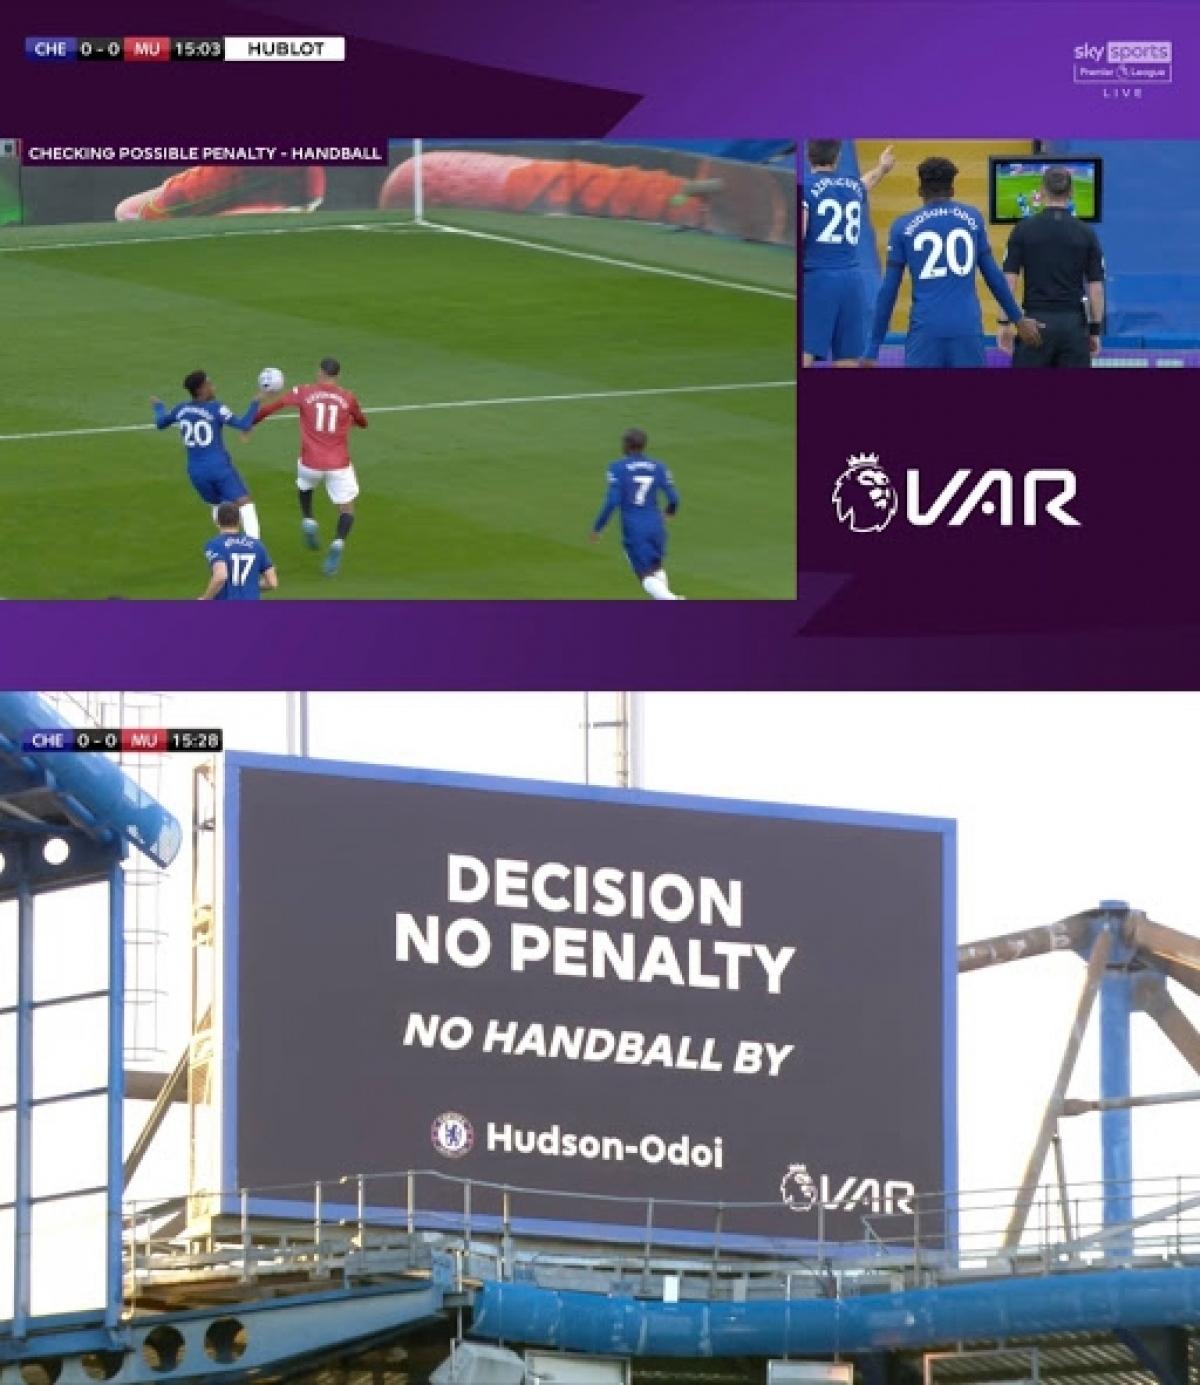 Quyết định của trọng tài Stuart Attwell gây tranh cãi dữ dội và khiến nhiều người cảm thấy khó hiểu về cách xác định lỗi dùng tay chơi bóng.